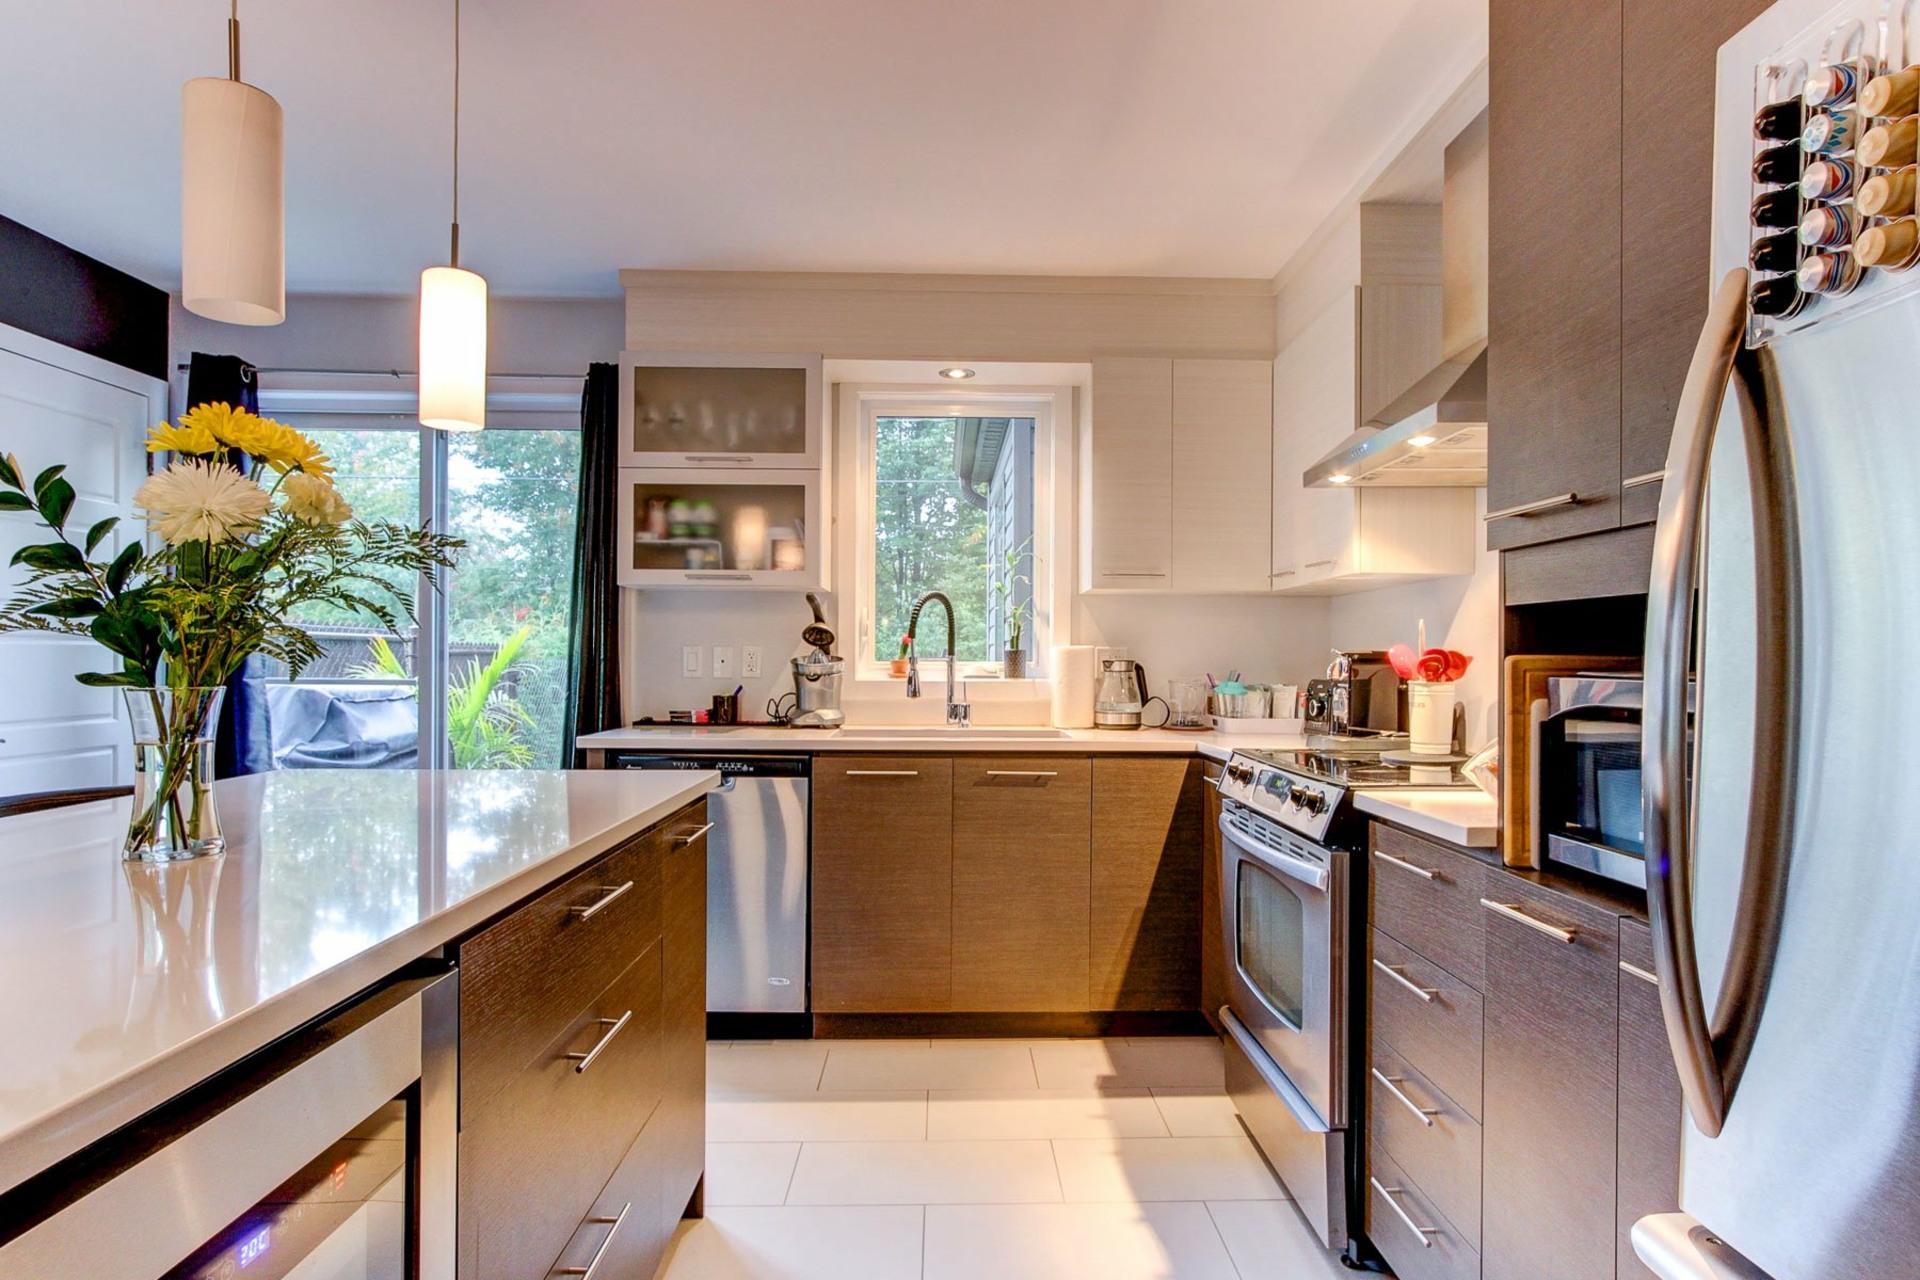 image 5 - Appartement À vendre Trois-Rivières - 7 pièces